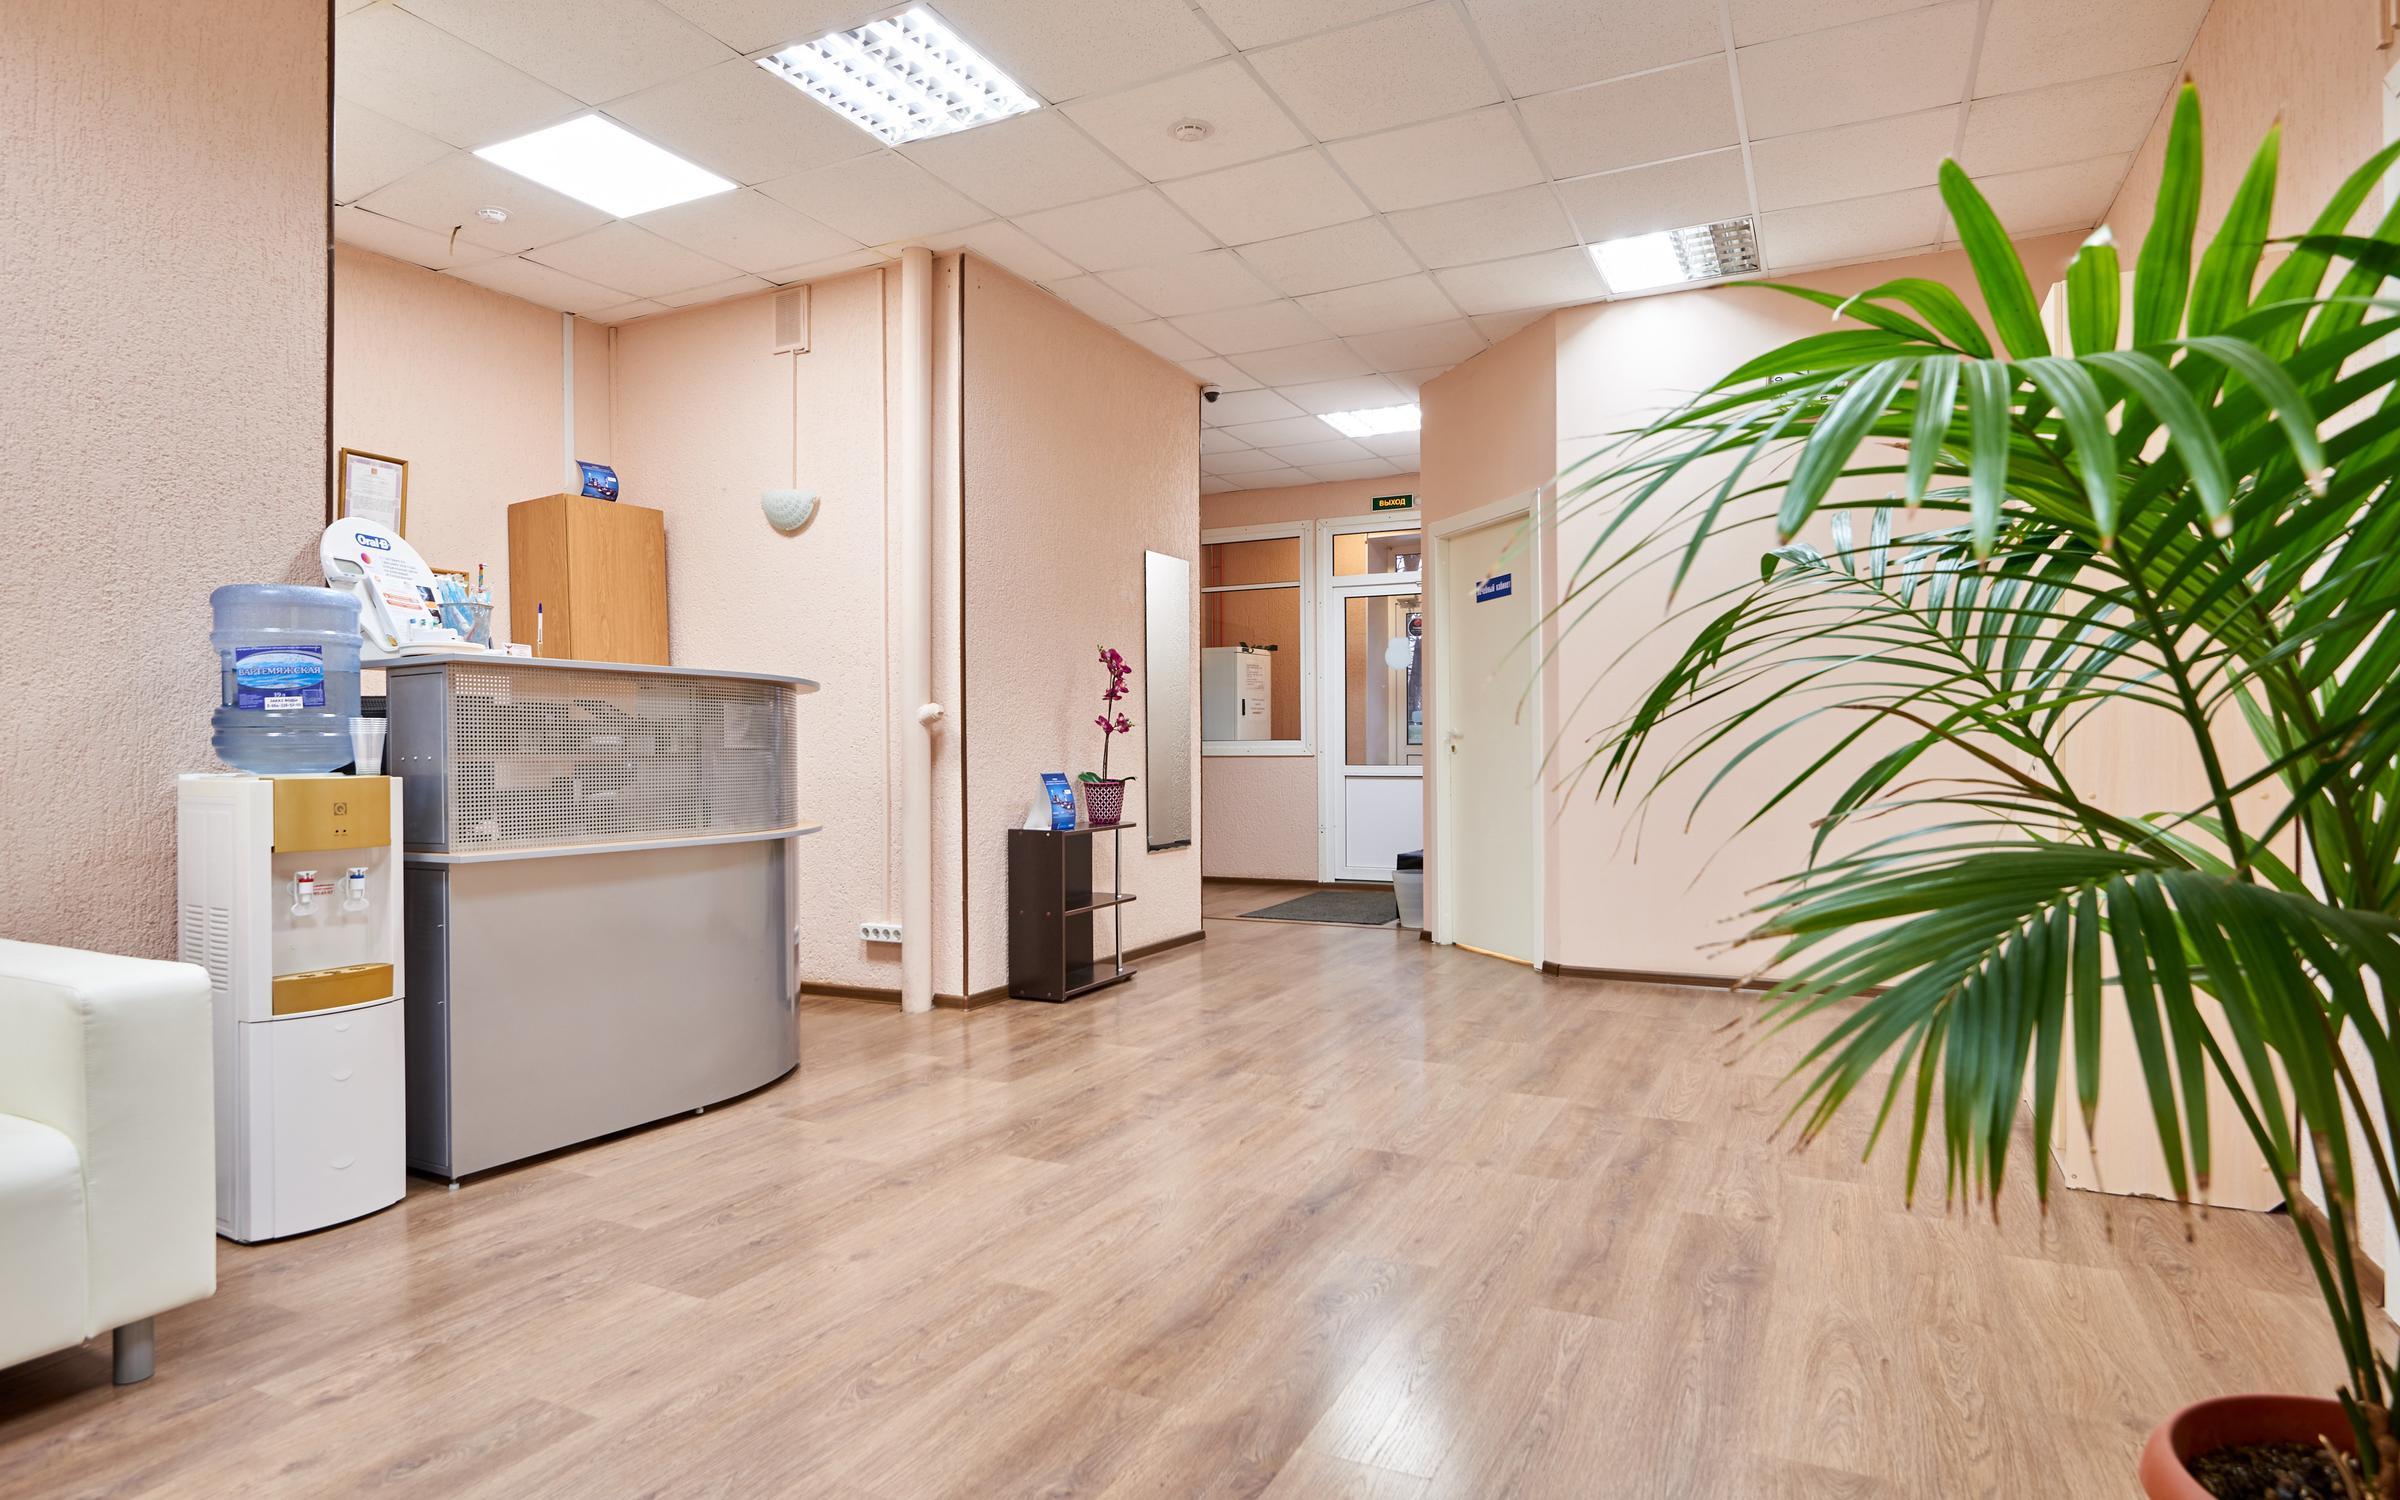 фотография Стоматологического центра г. Пушкина